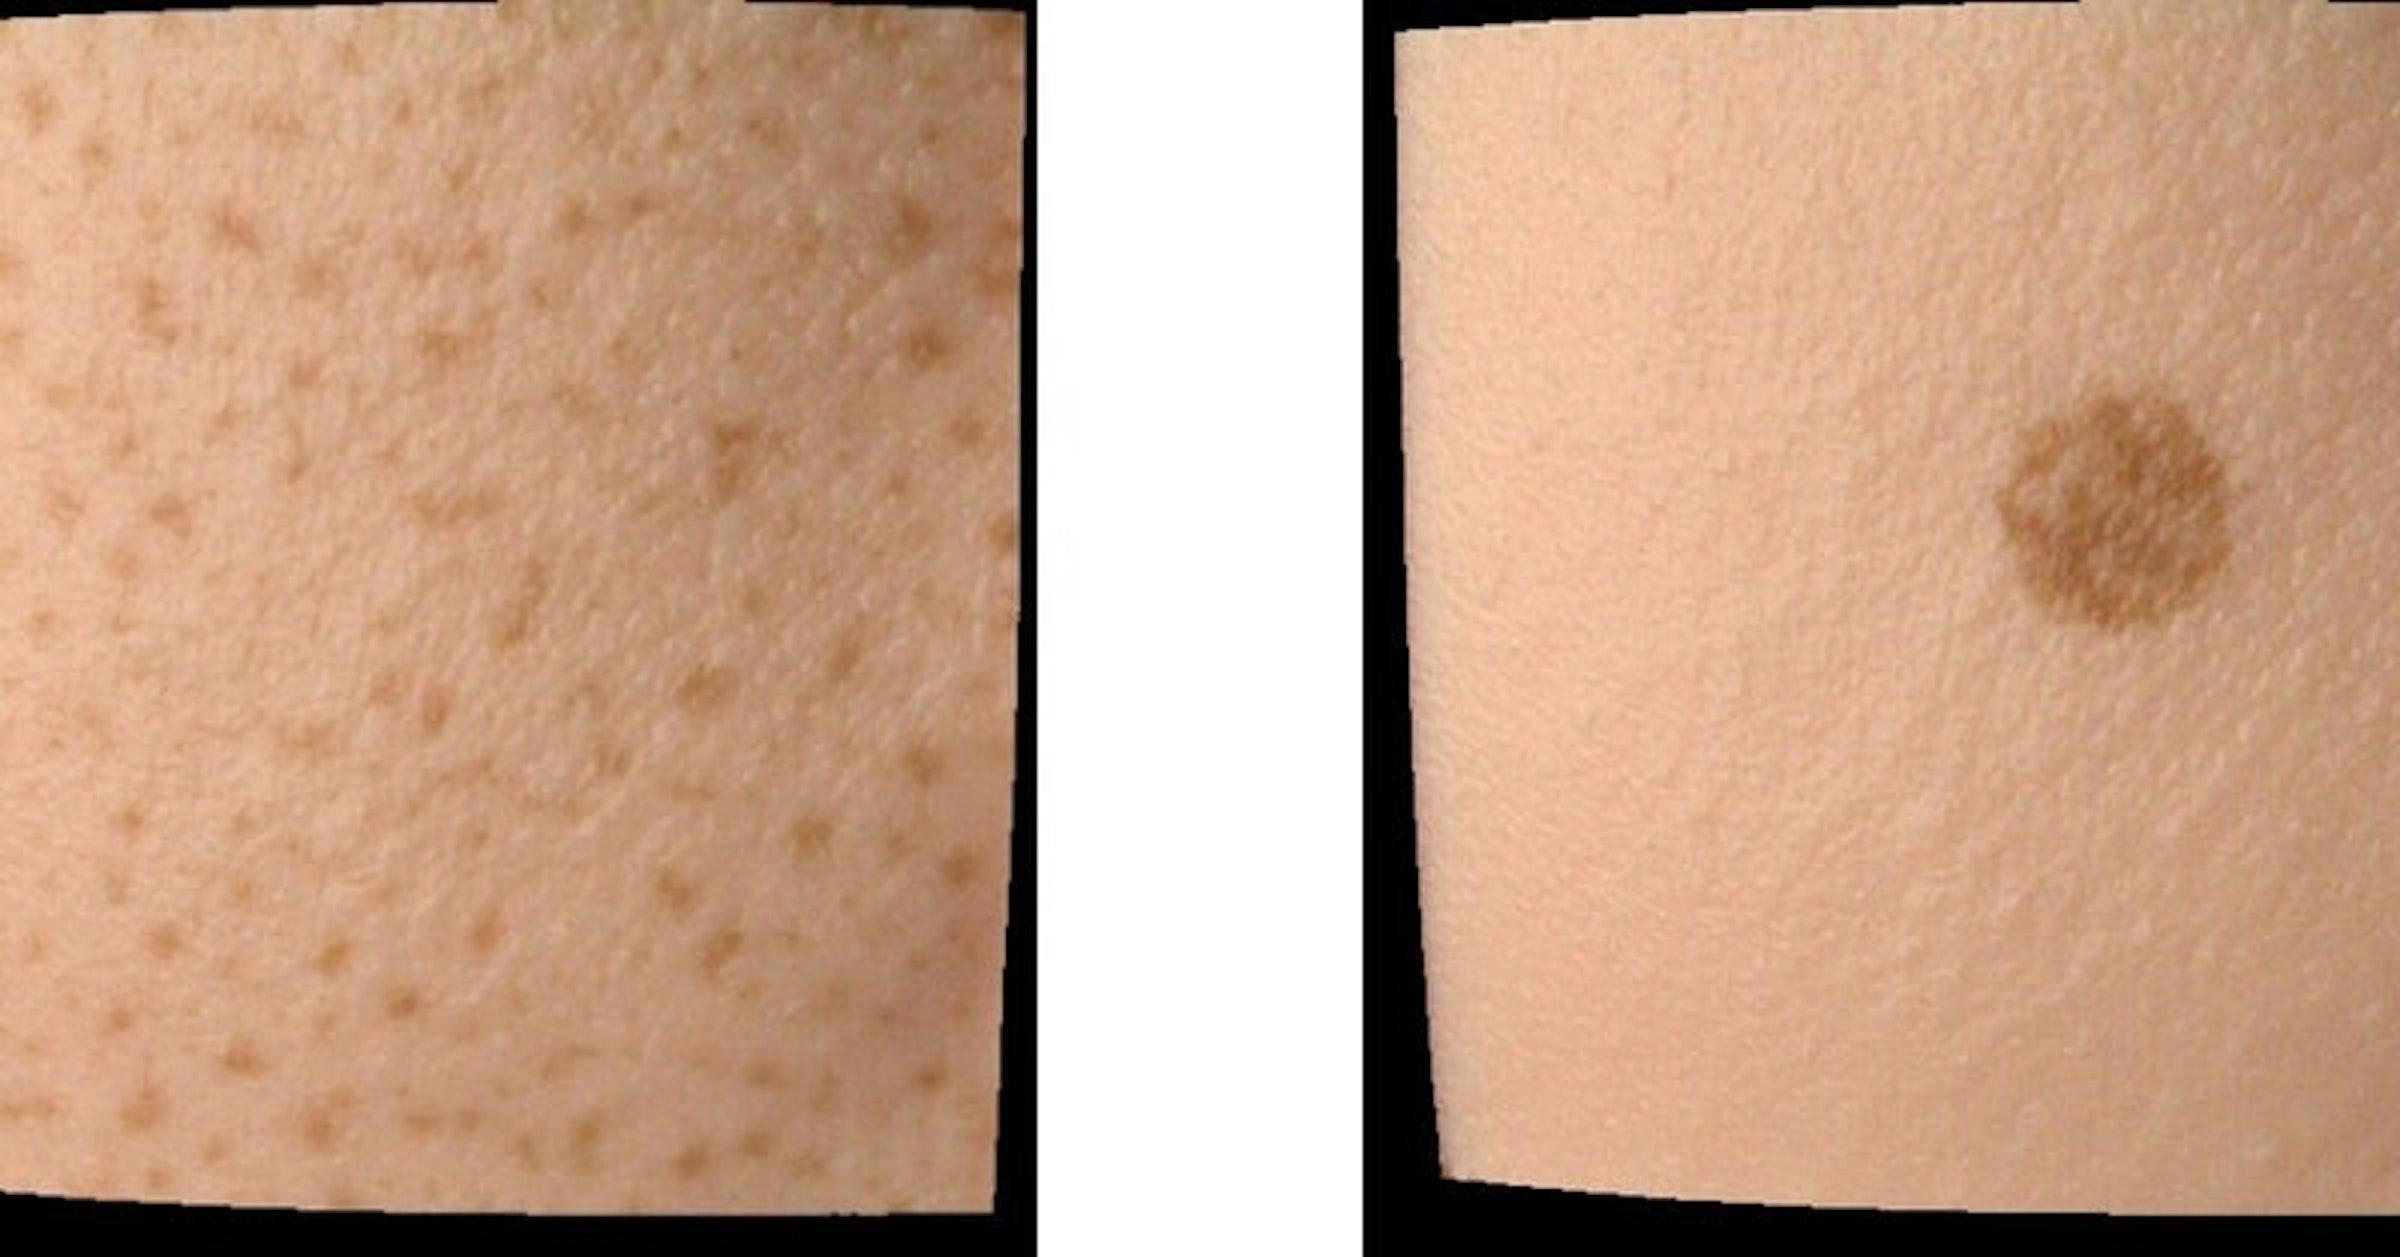 画像: シミュレーションシステムを用いて再現した肌画像の例 (数理モデルを用いて不均一なソバカスやシミを生じさせた)